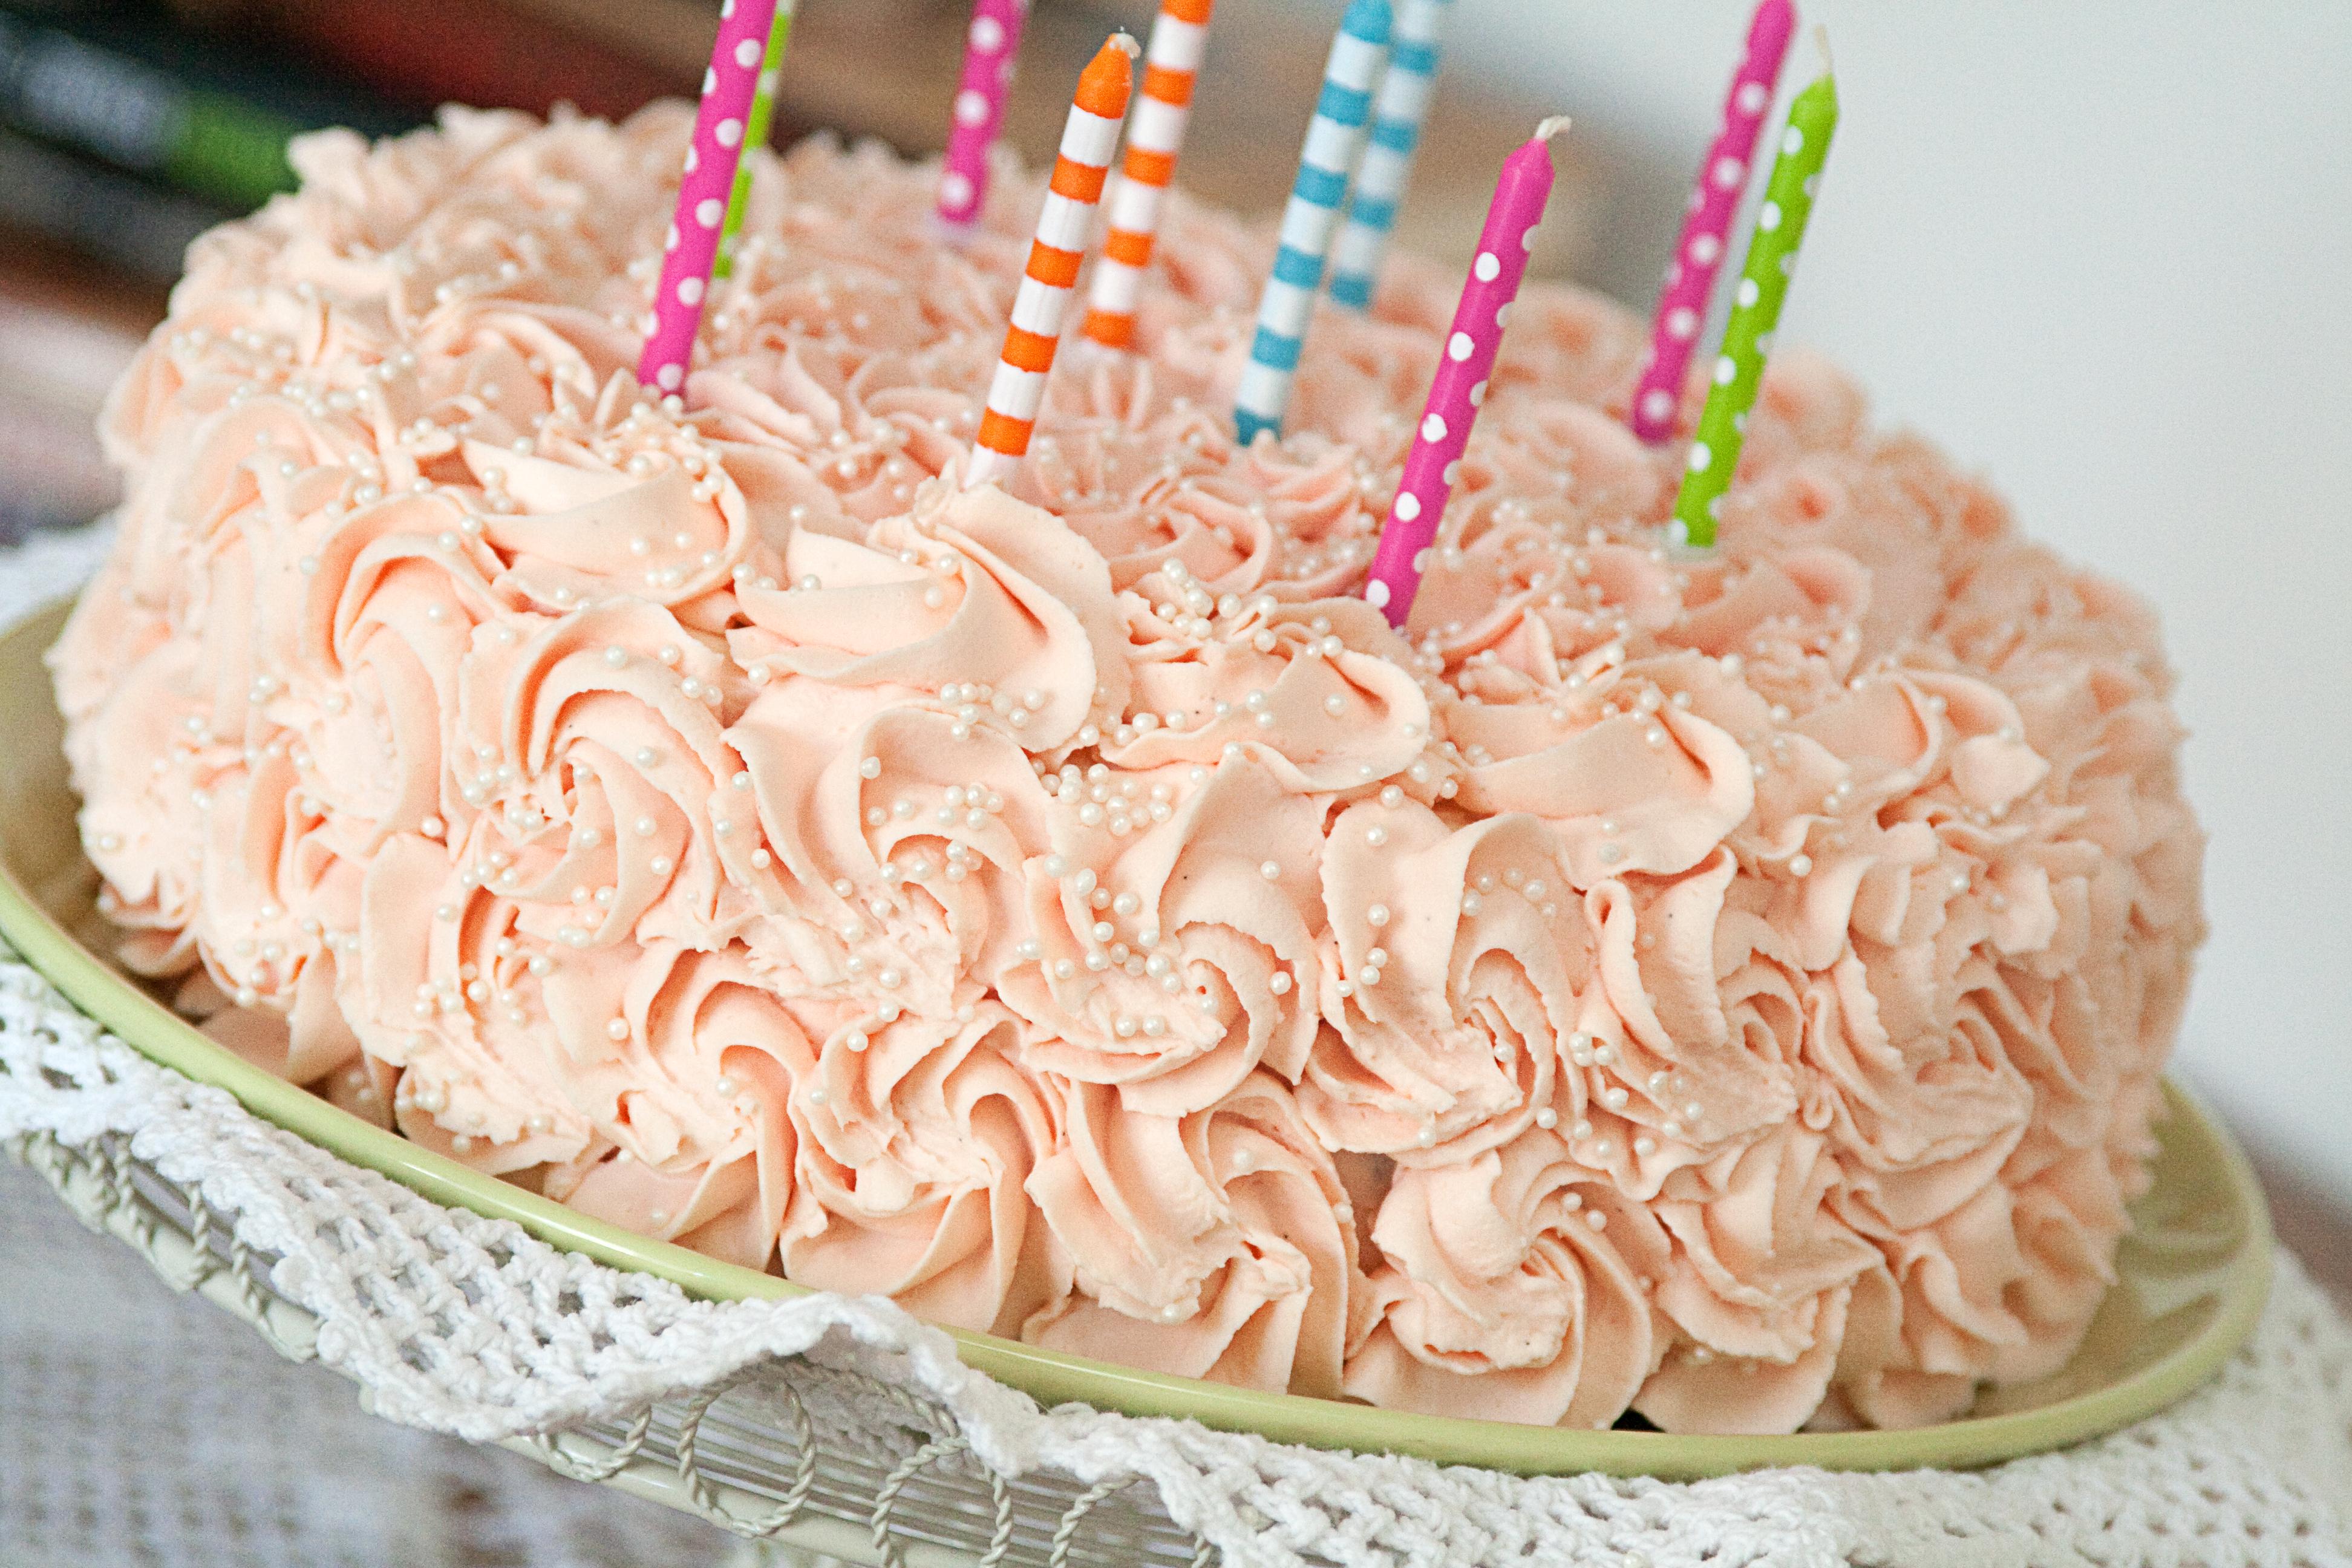 Tort serowo-śmietanowy z musem malinowym